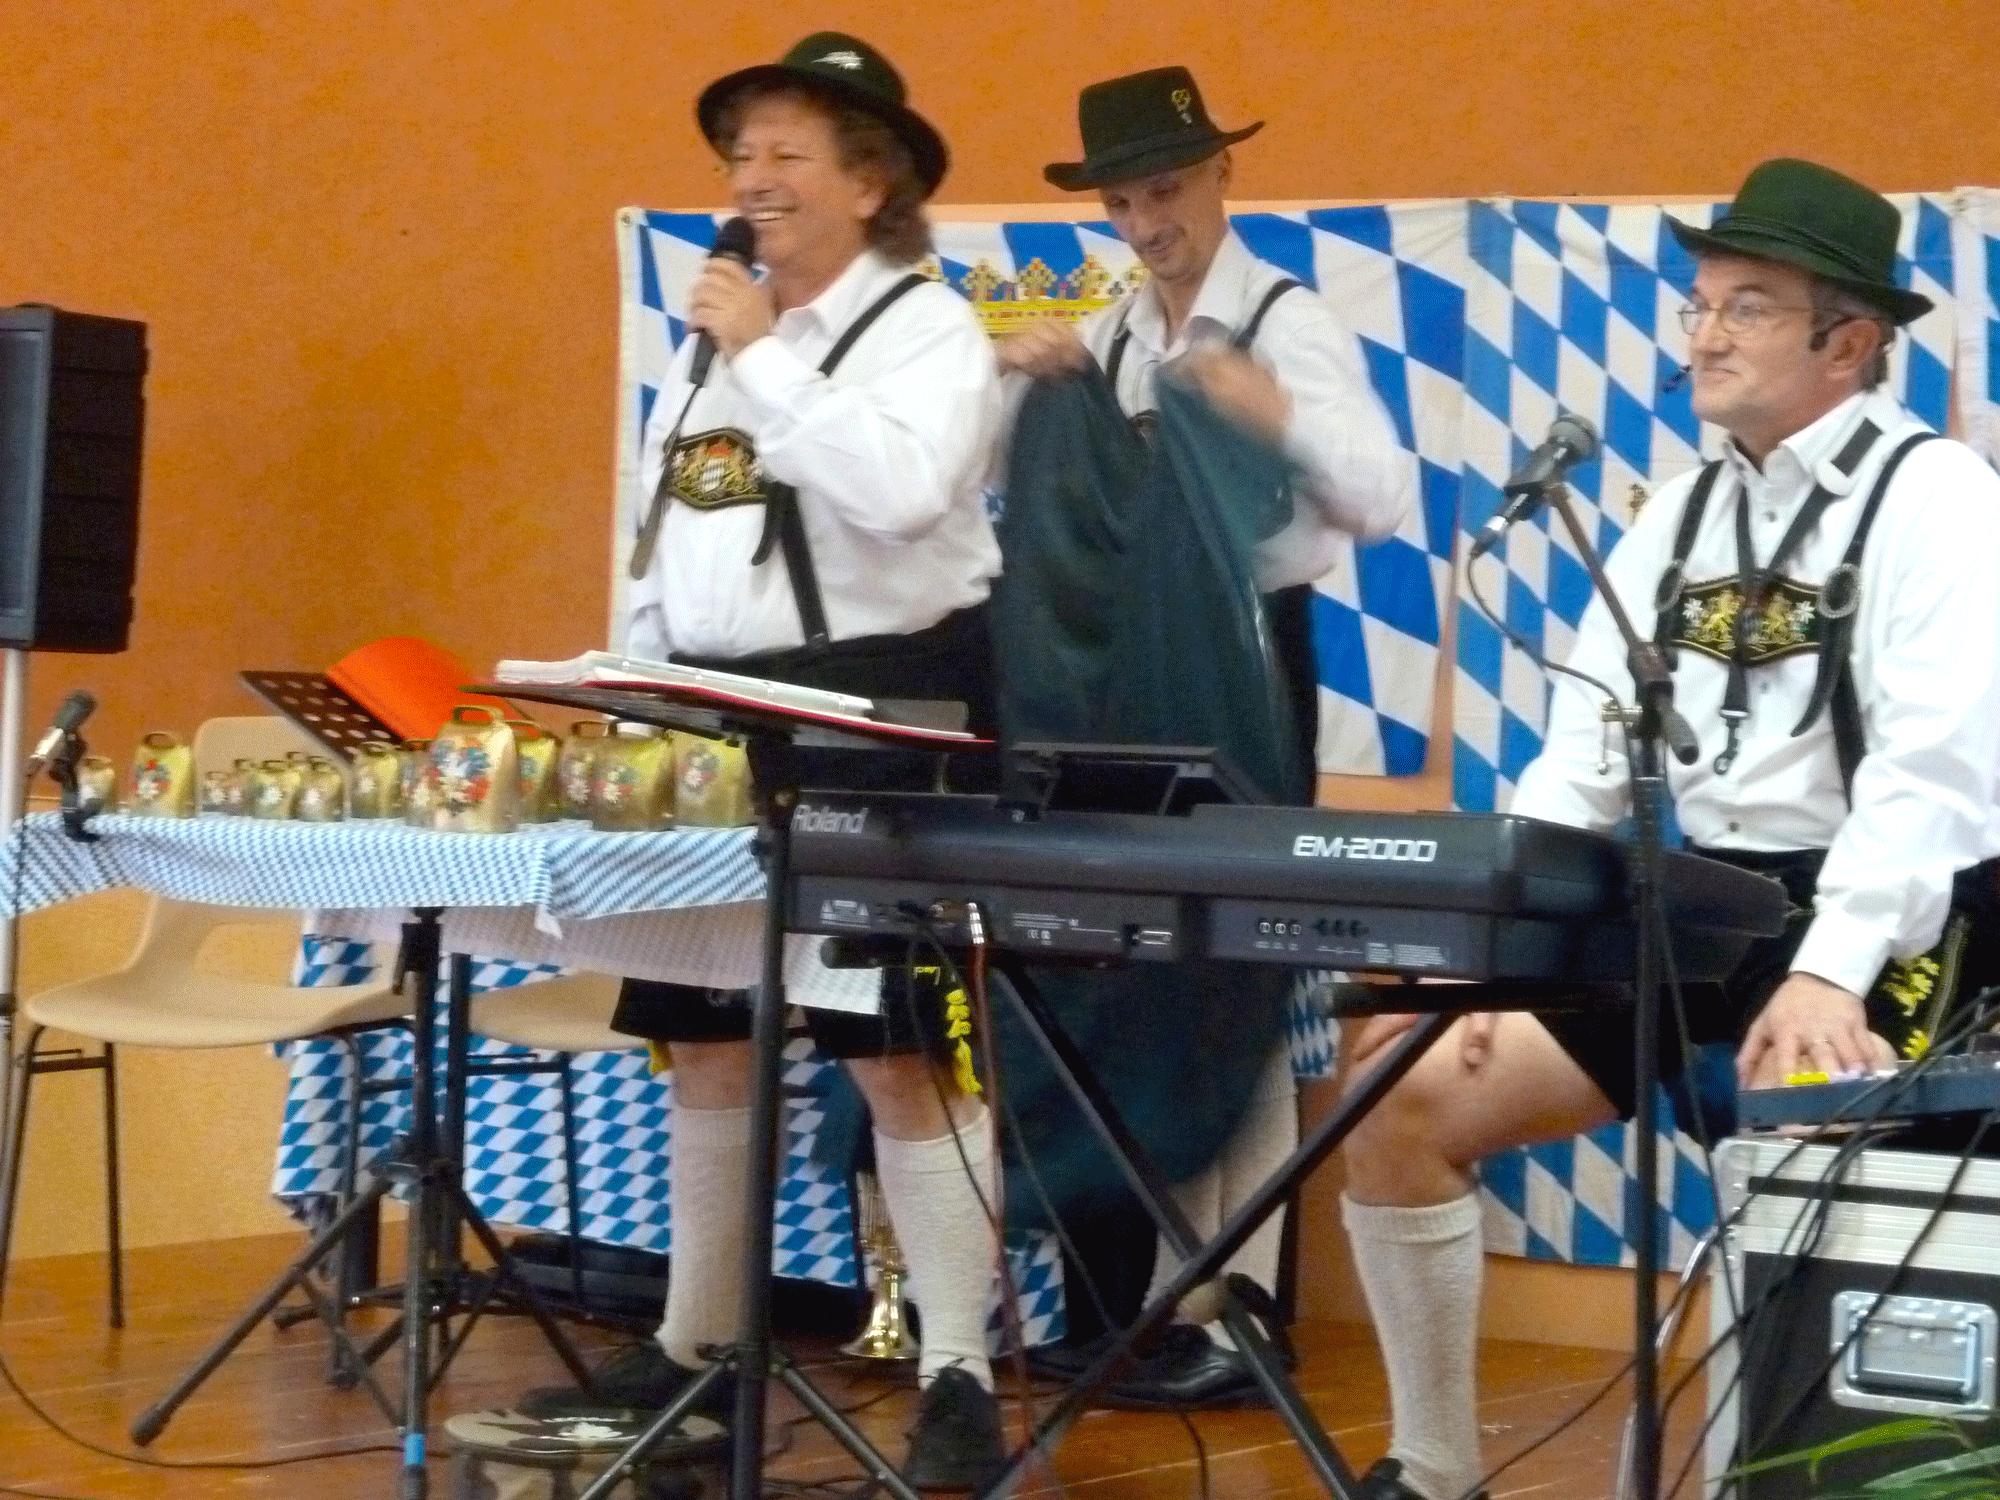 13-Poce-sur-Cisse-37-les-Clarines-ave-l'orchestre-bavarois-2014-